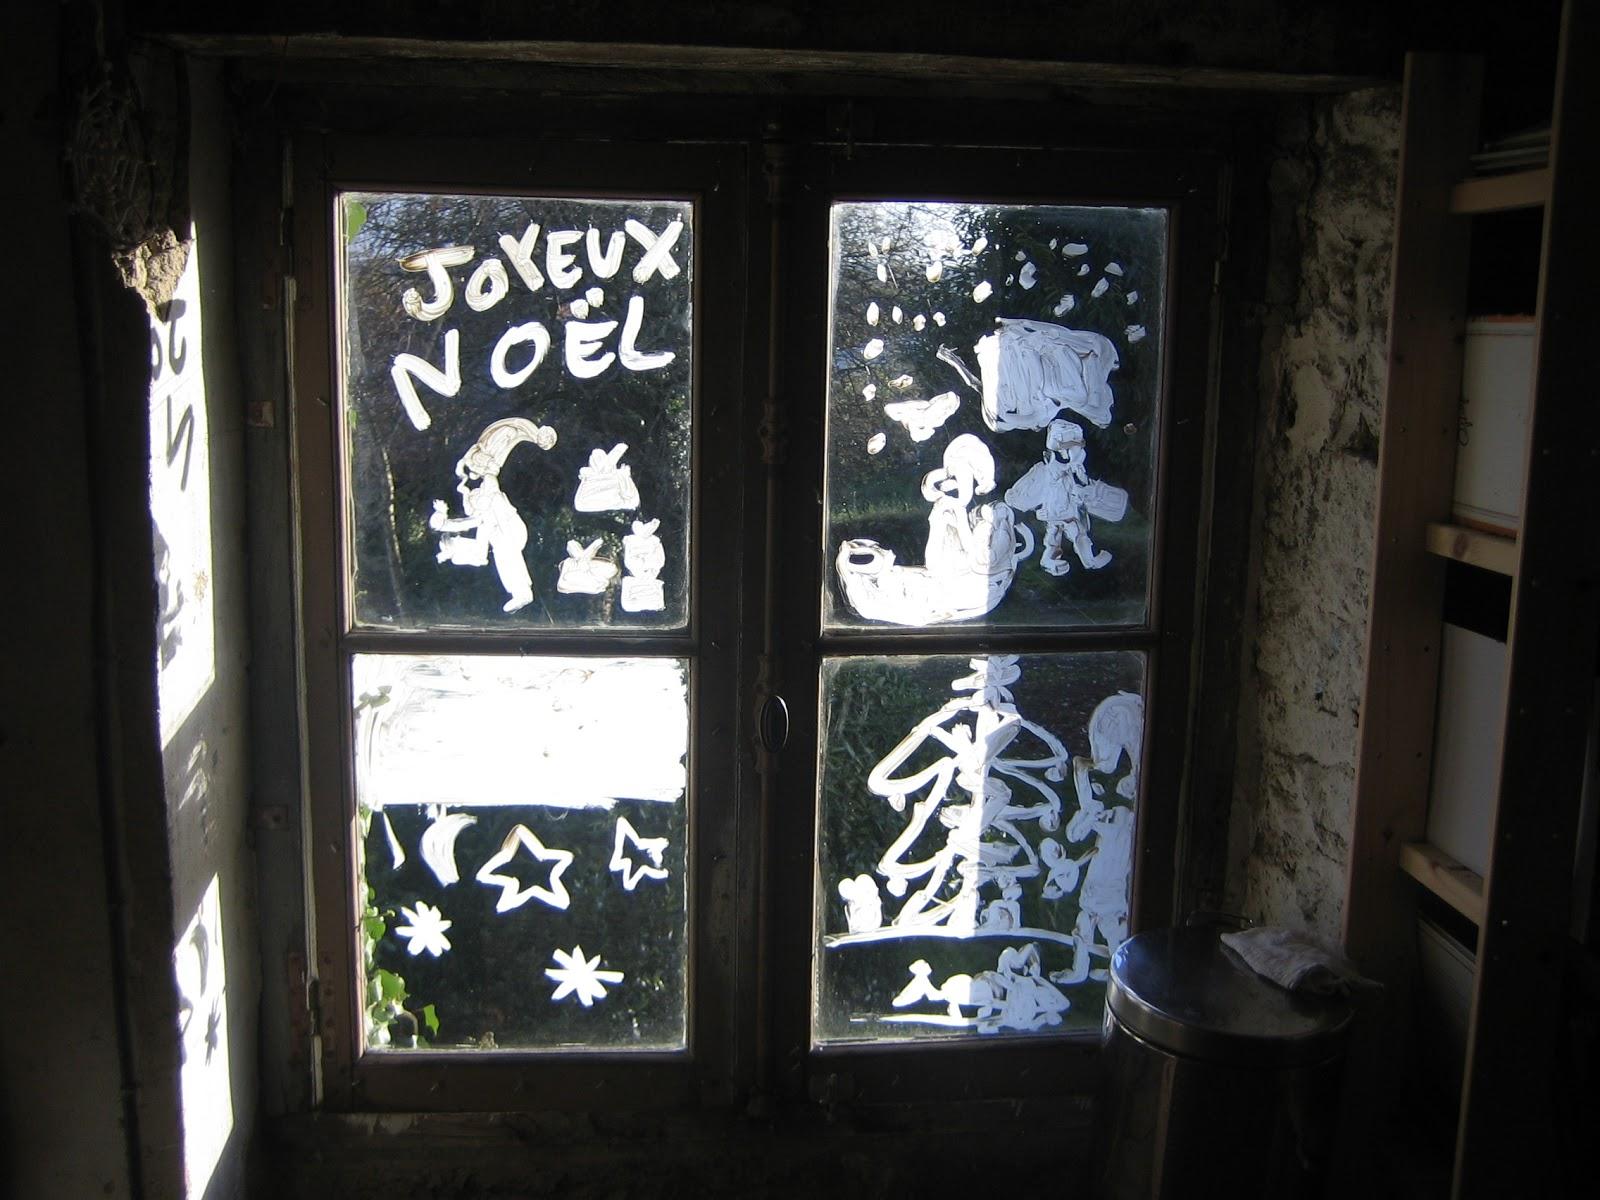 Peinture sur vitres - Enlever peinture sur vitre ...